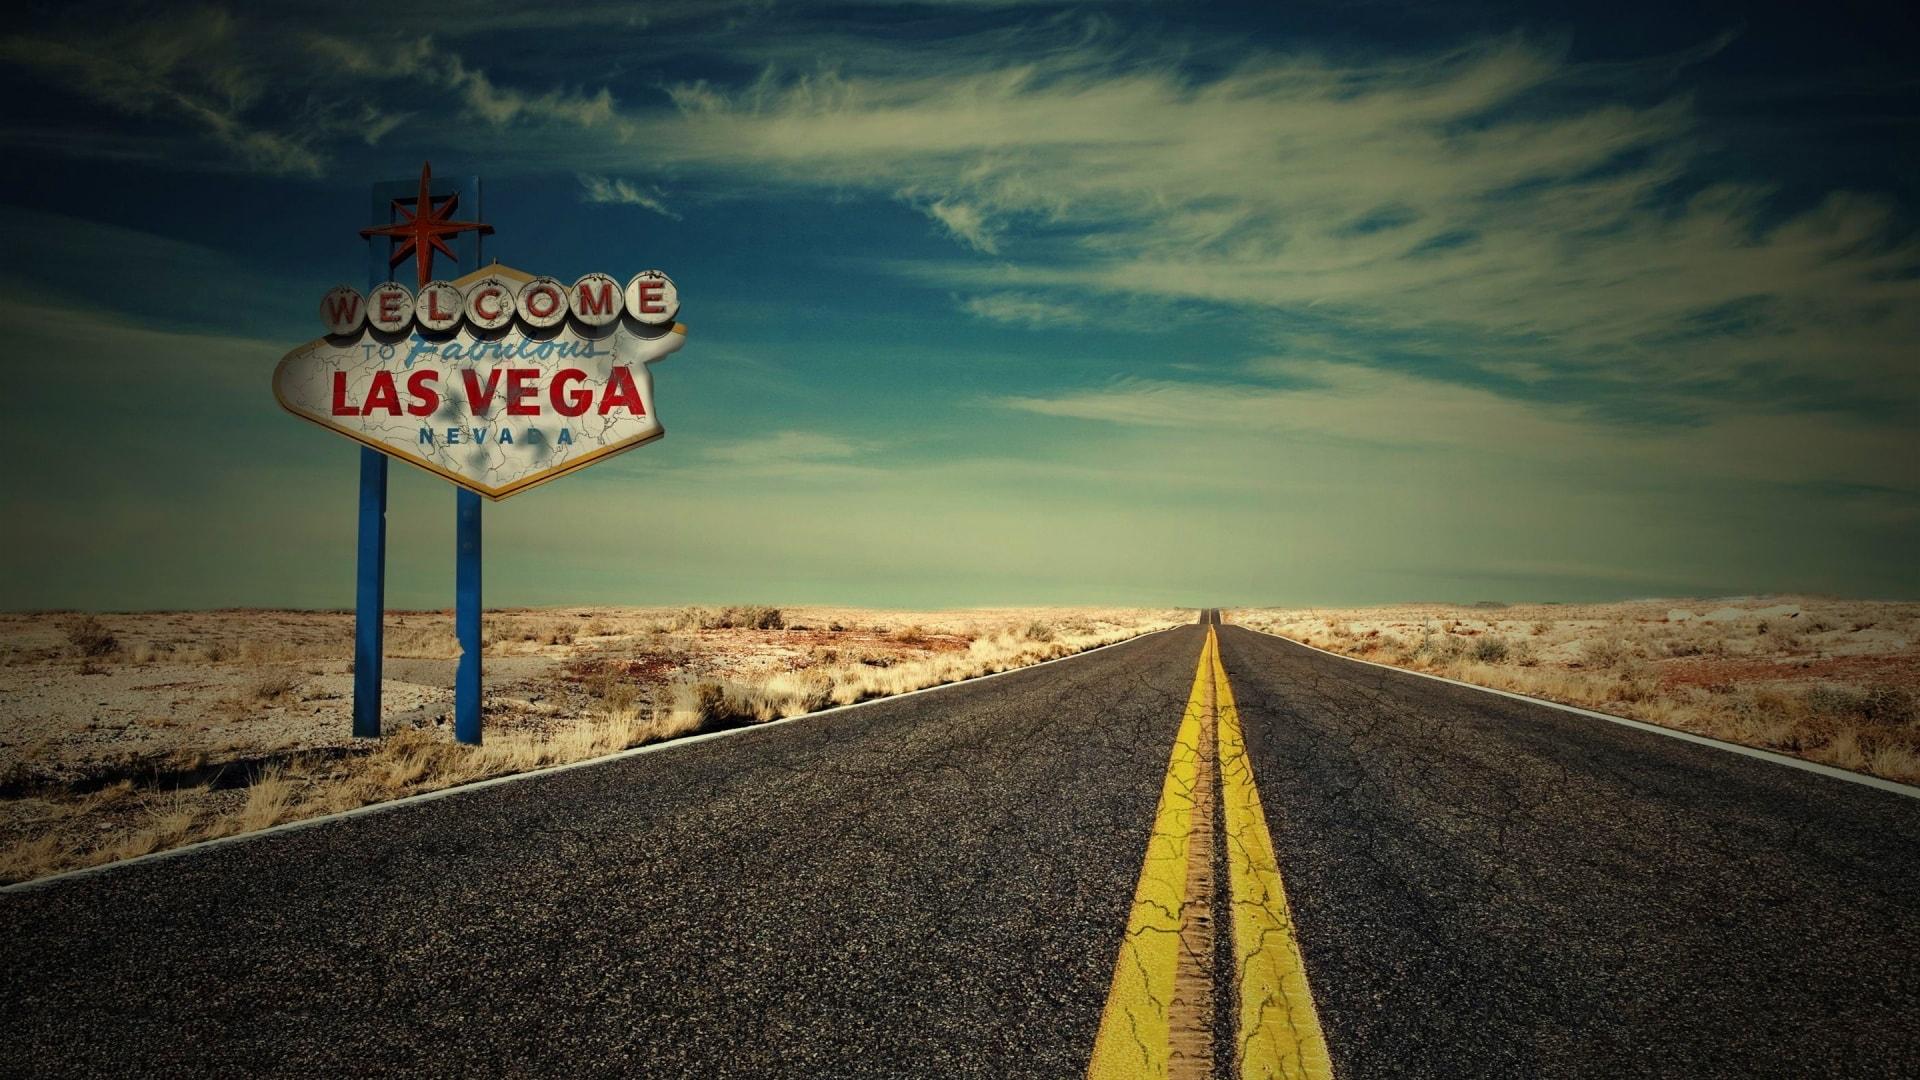 Las Vegas backgrounds